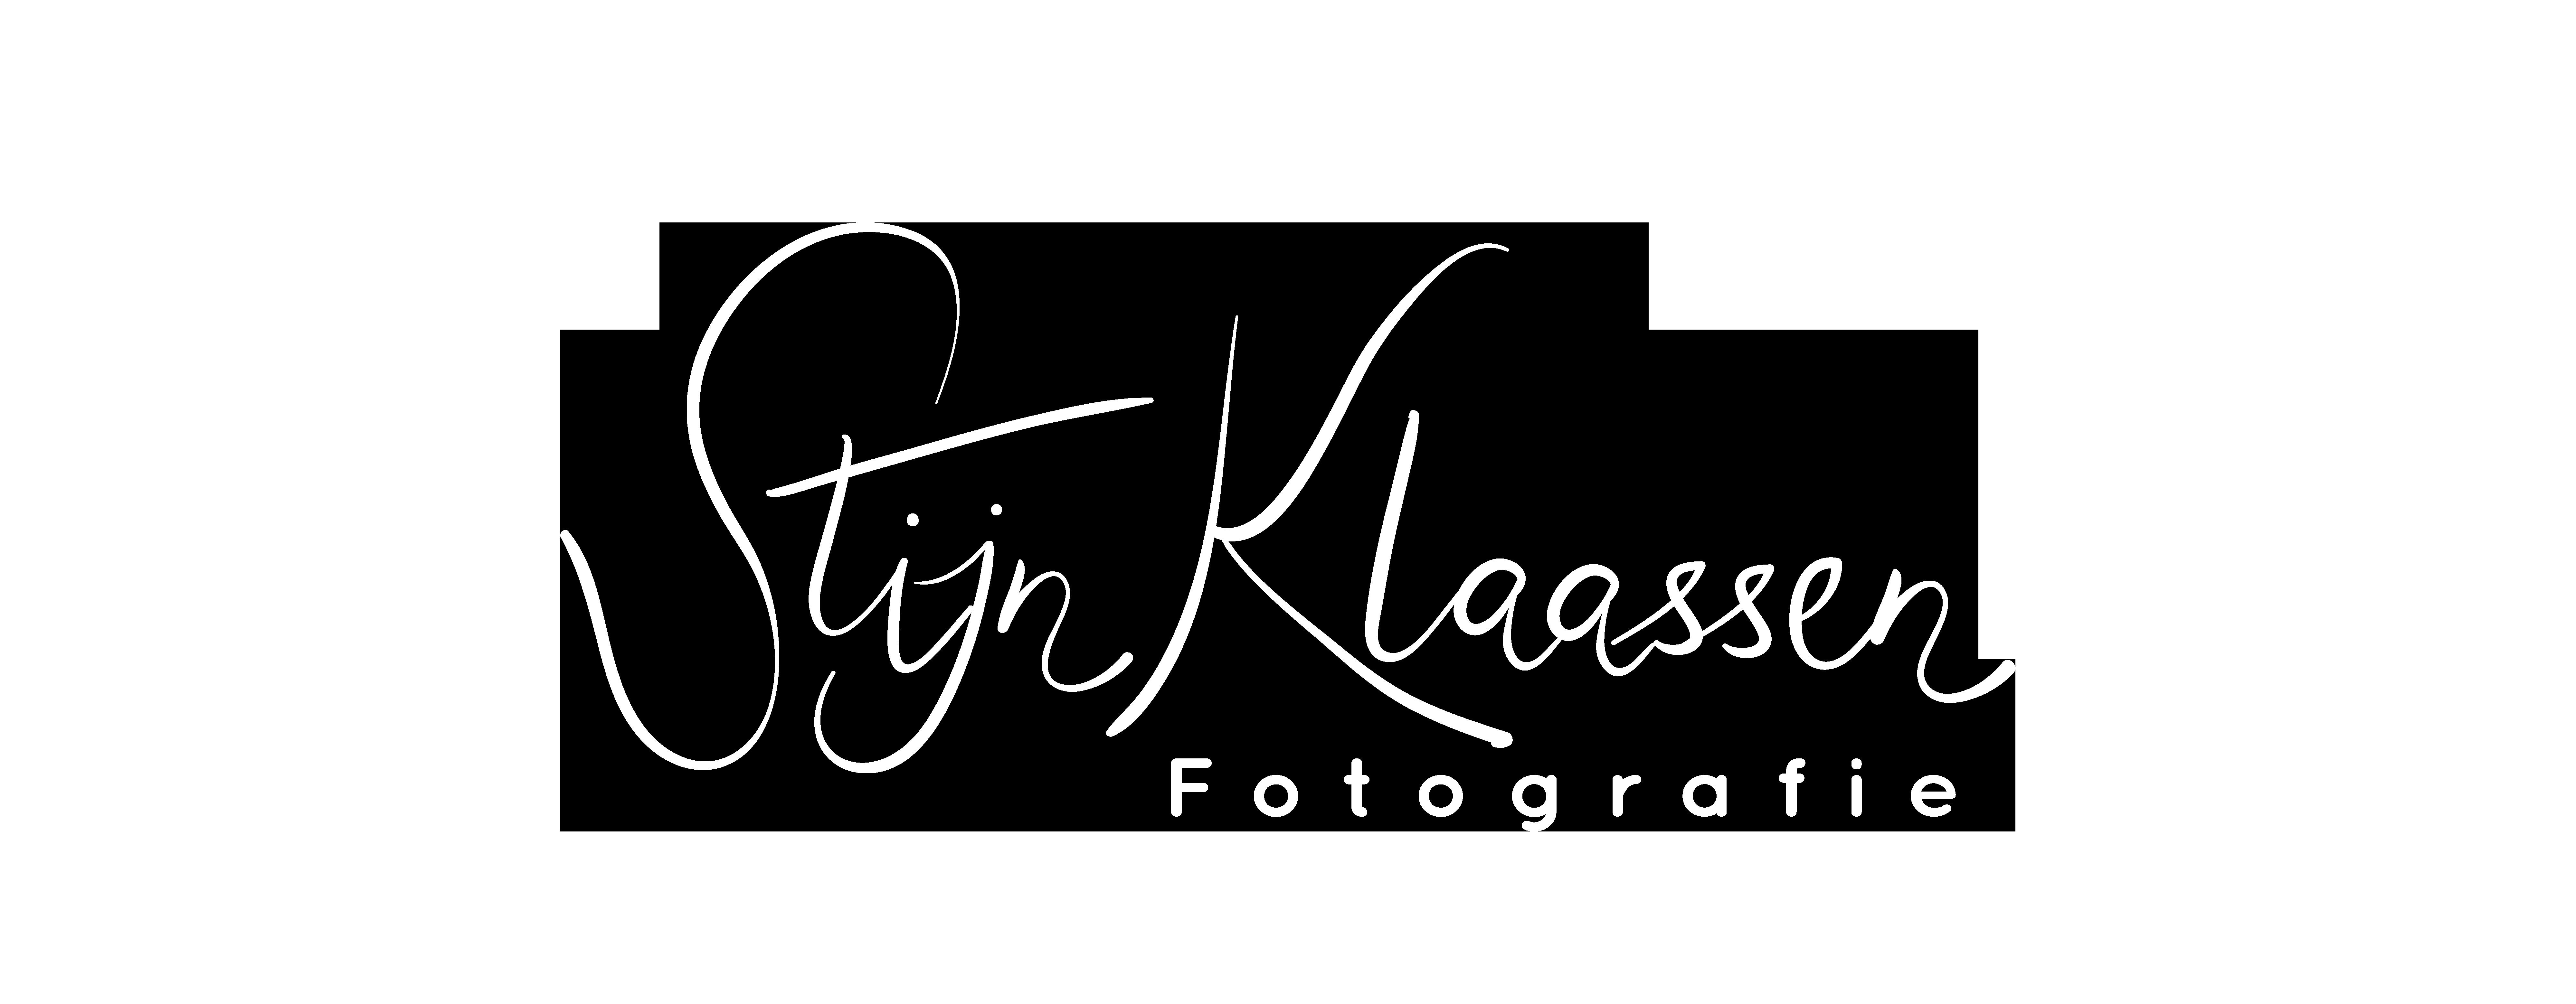 Stijn Klaassen Fotografie